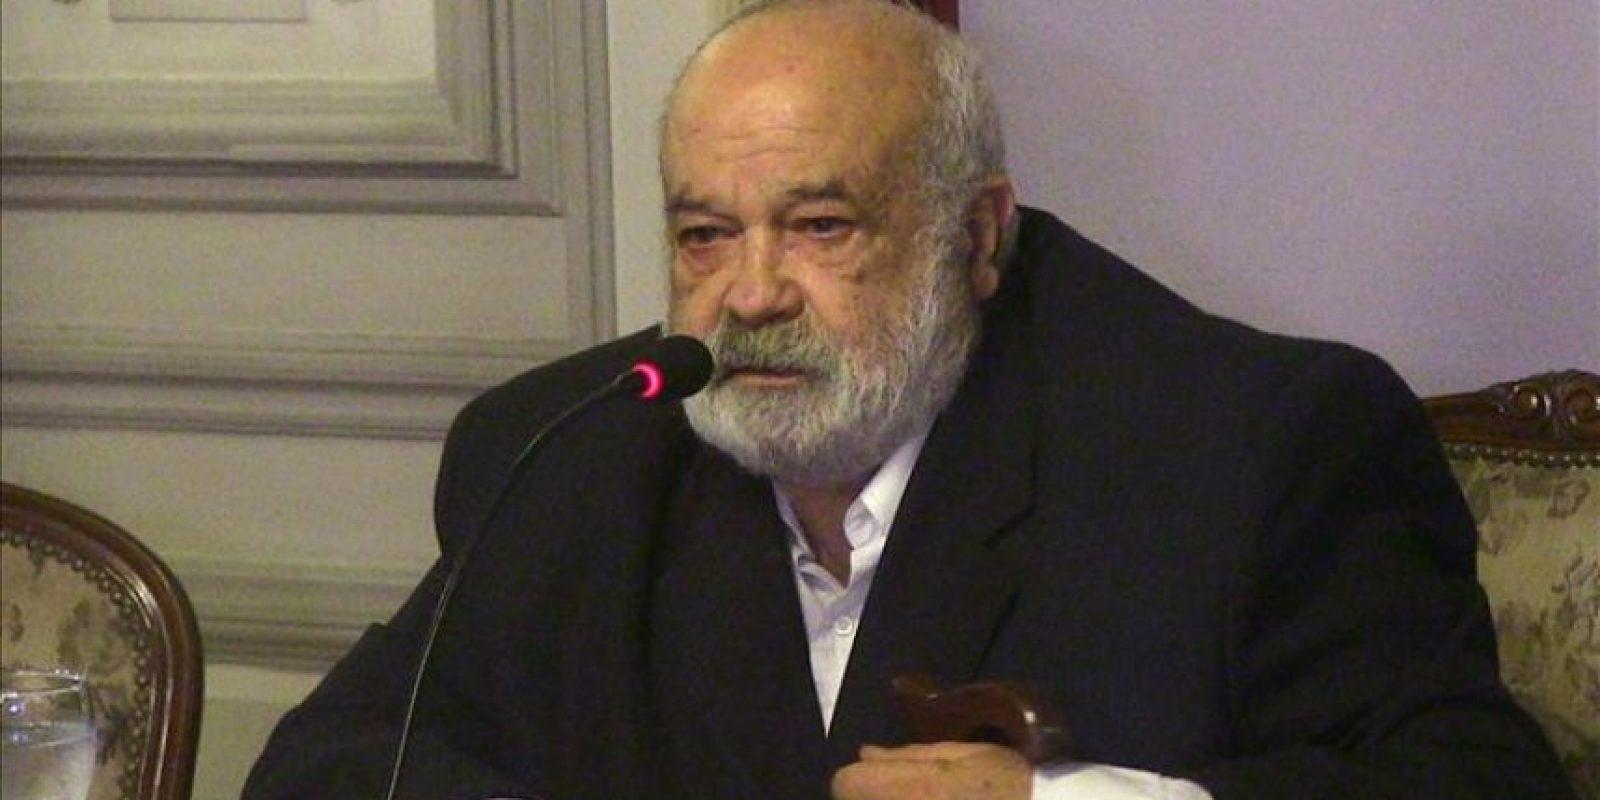 El ministro uruguayo de Defensa, Eleuterio Fernández Huidobro. EFE/Archivo